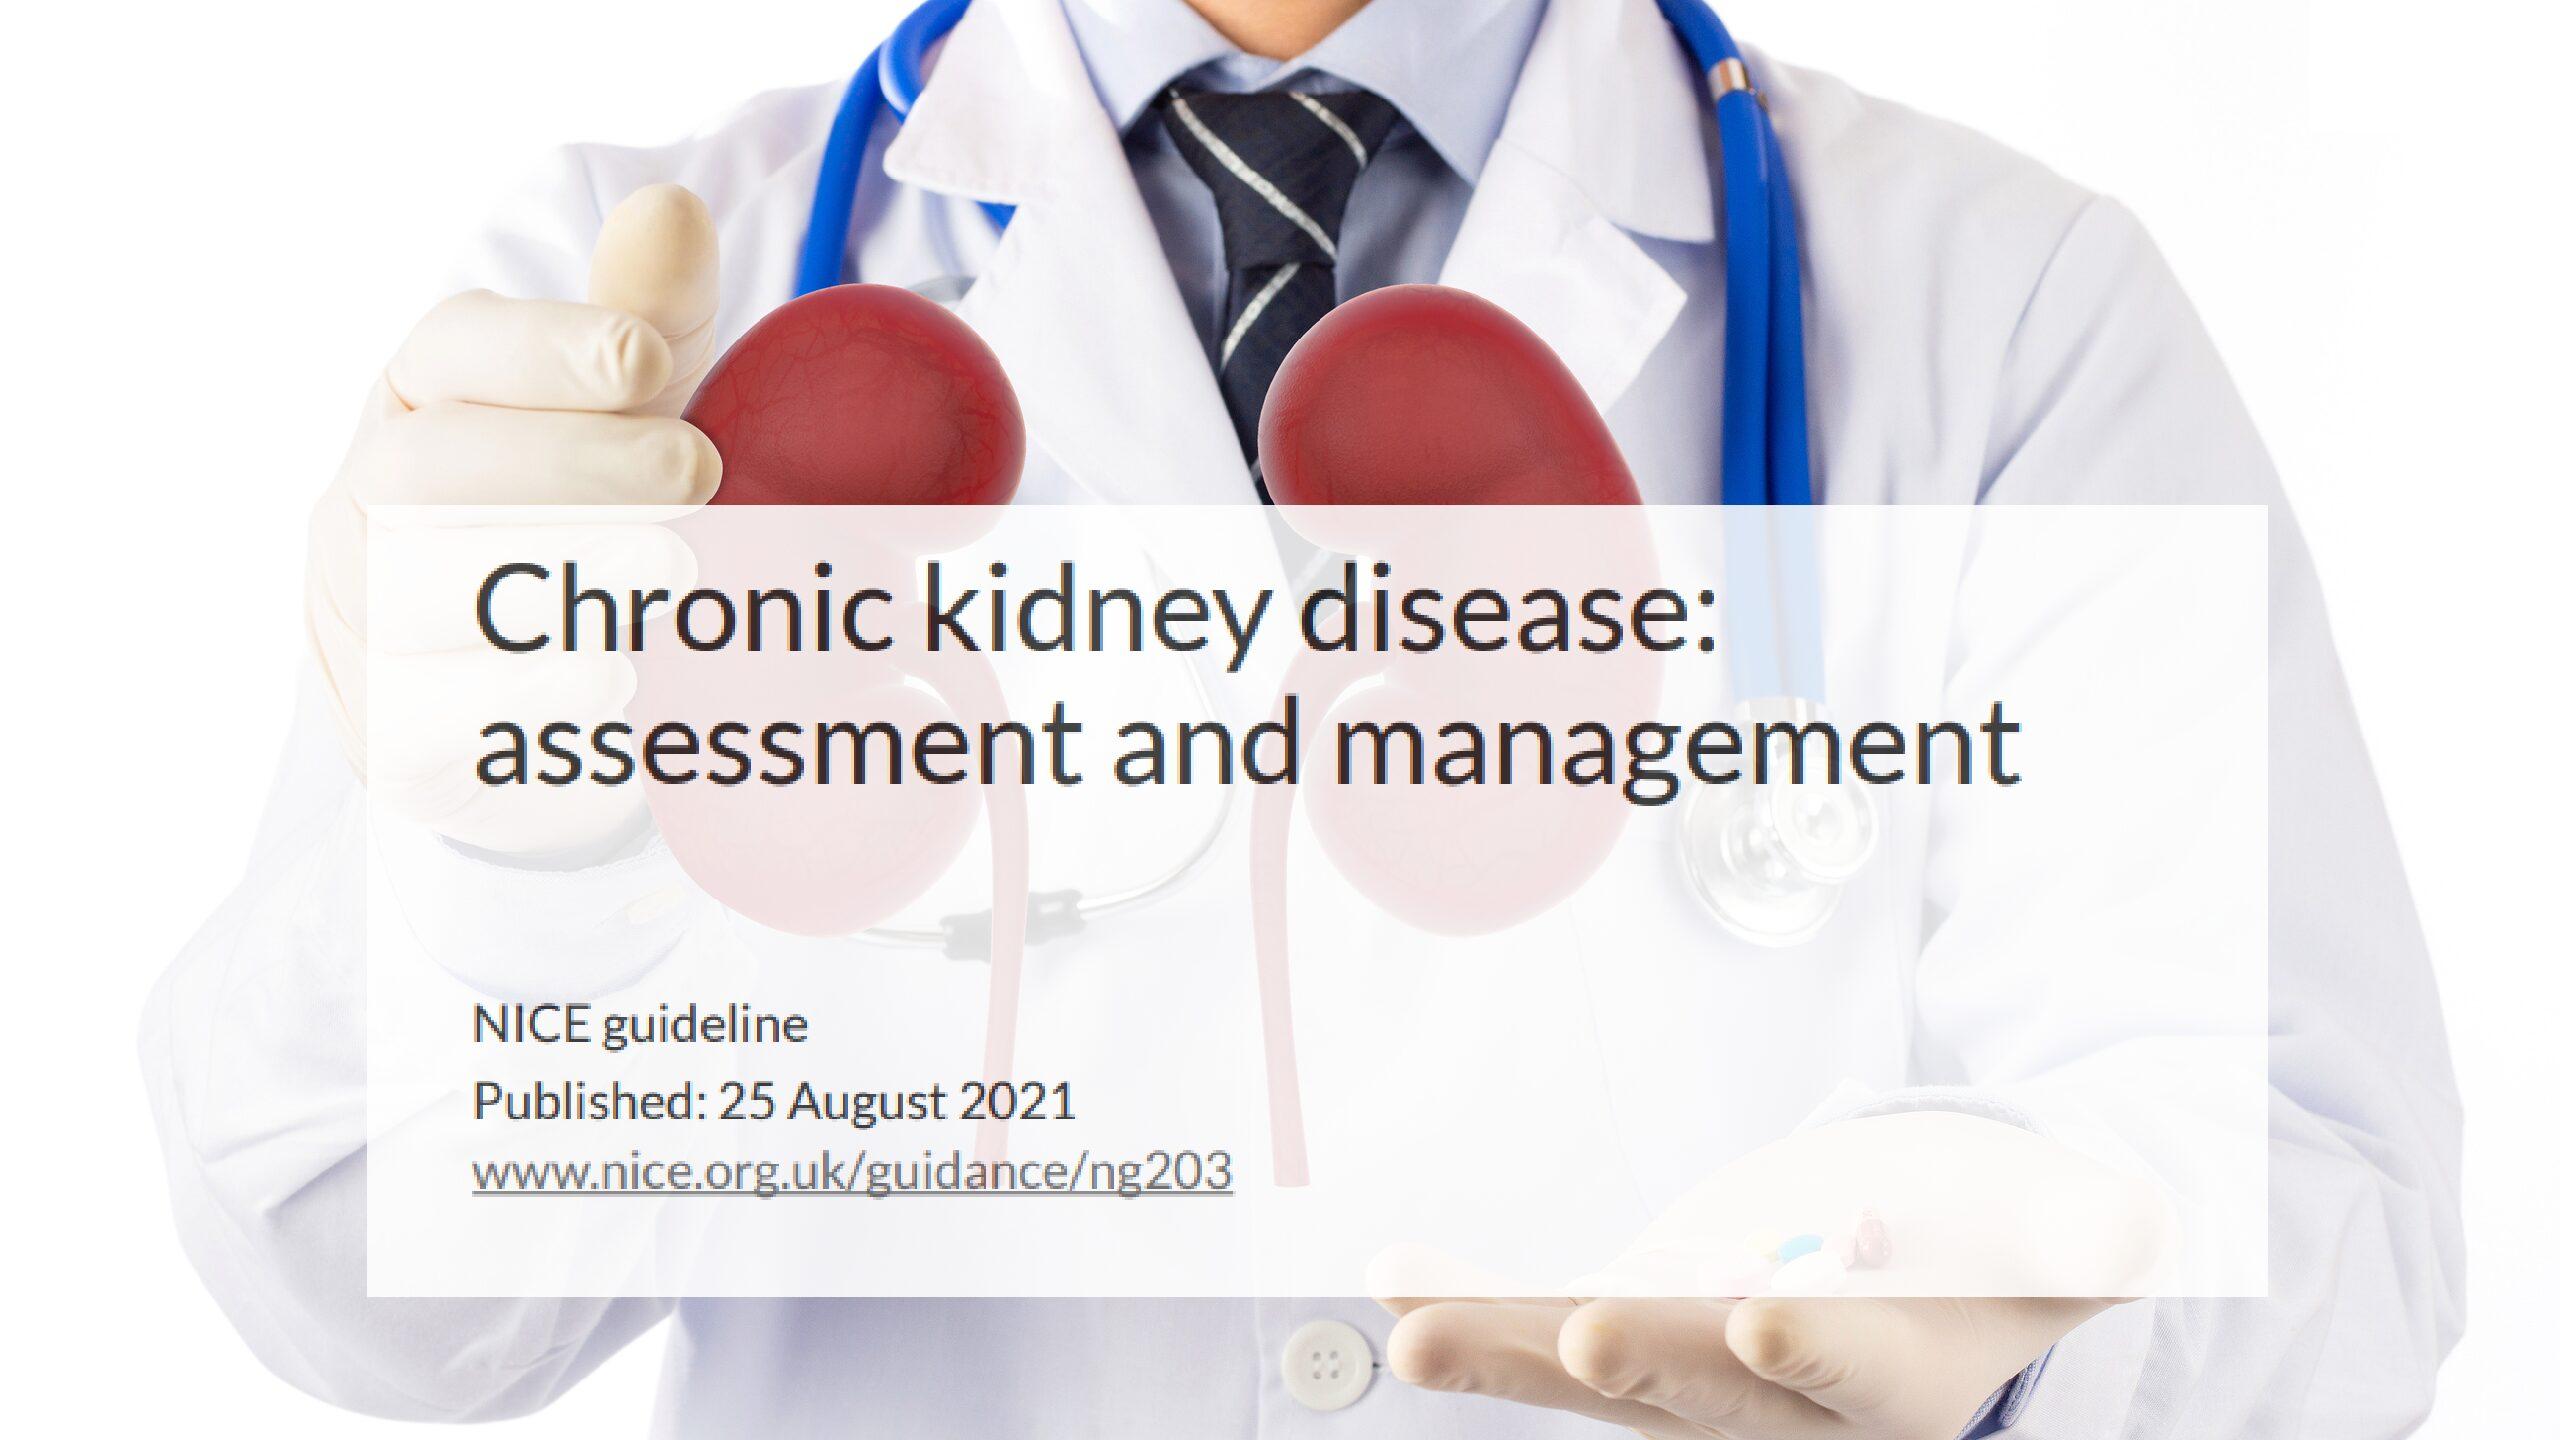 Actualización NICE: Guía sobre la enfermedad renal crónica: evaluación y manejo.